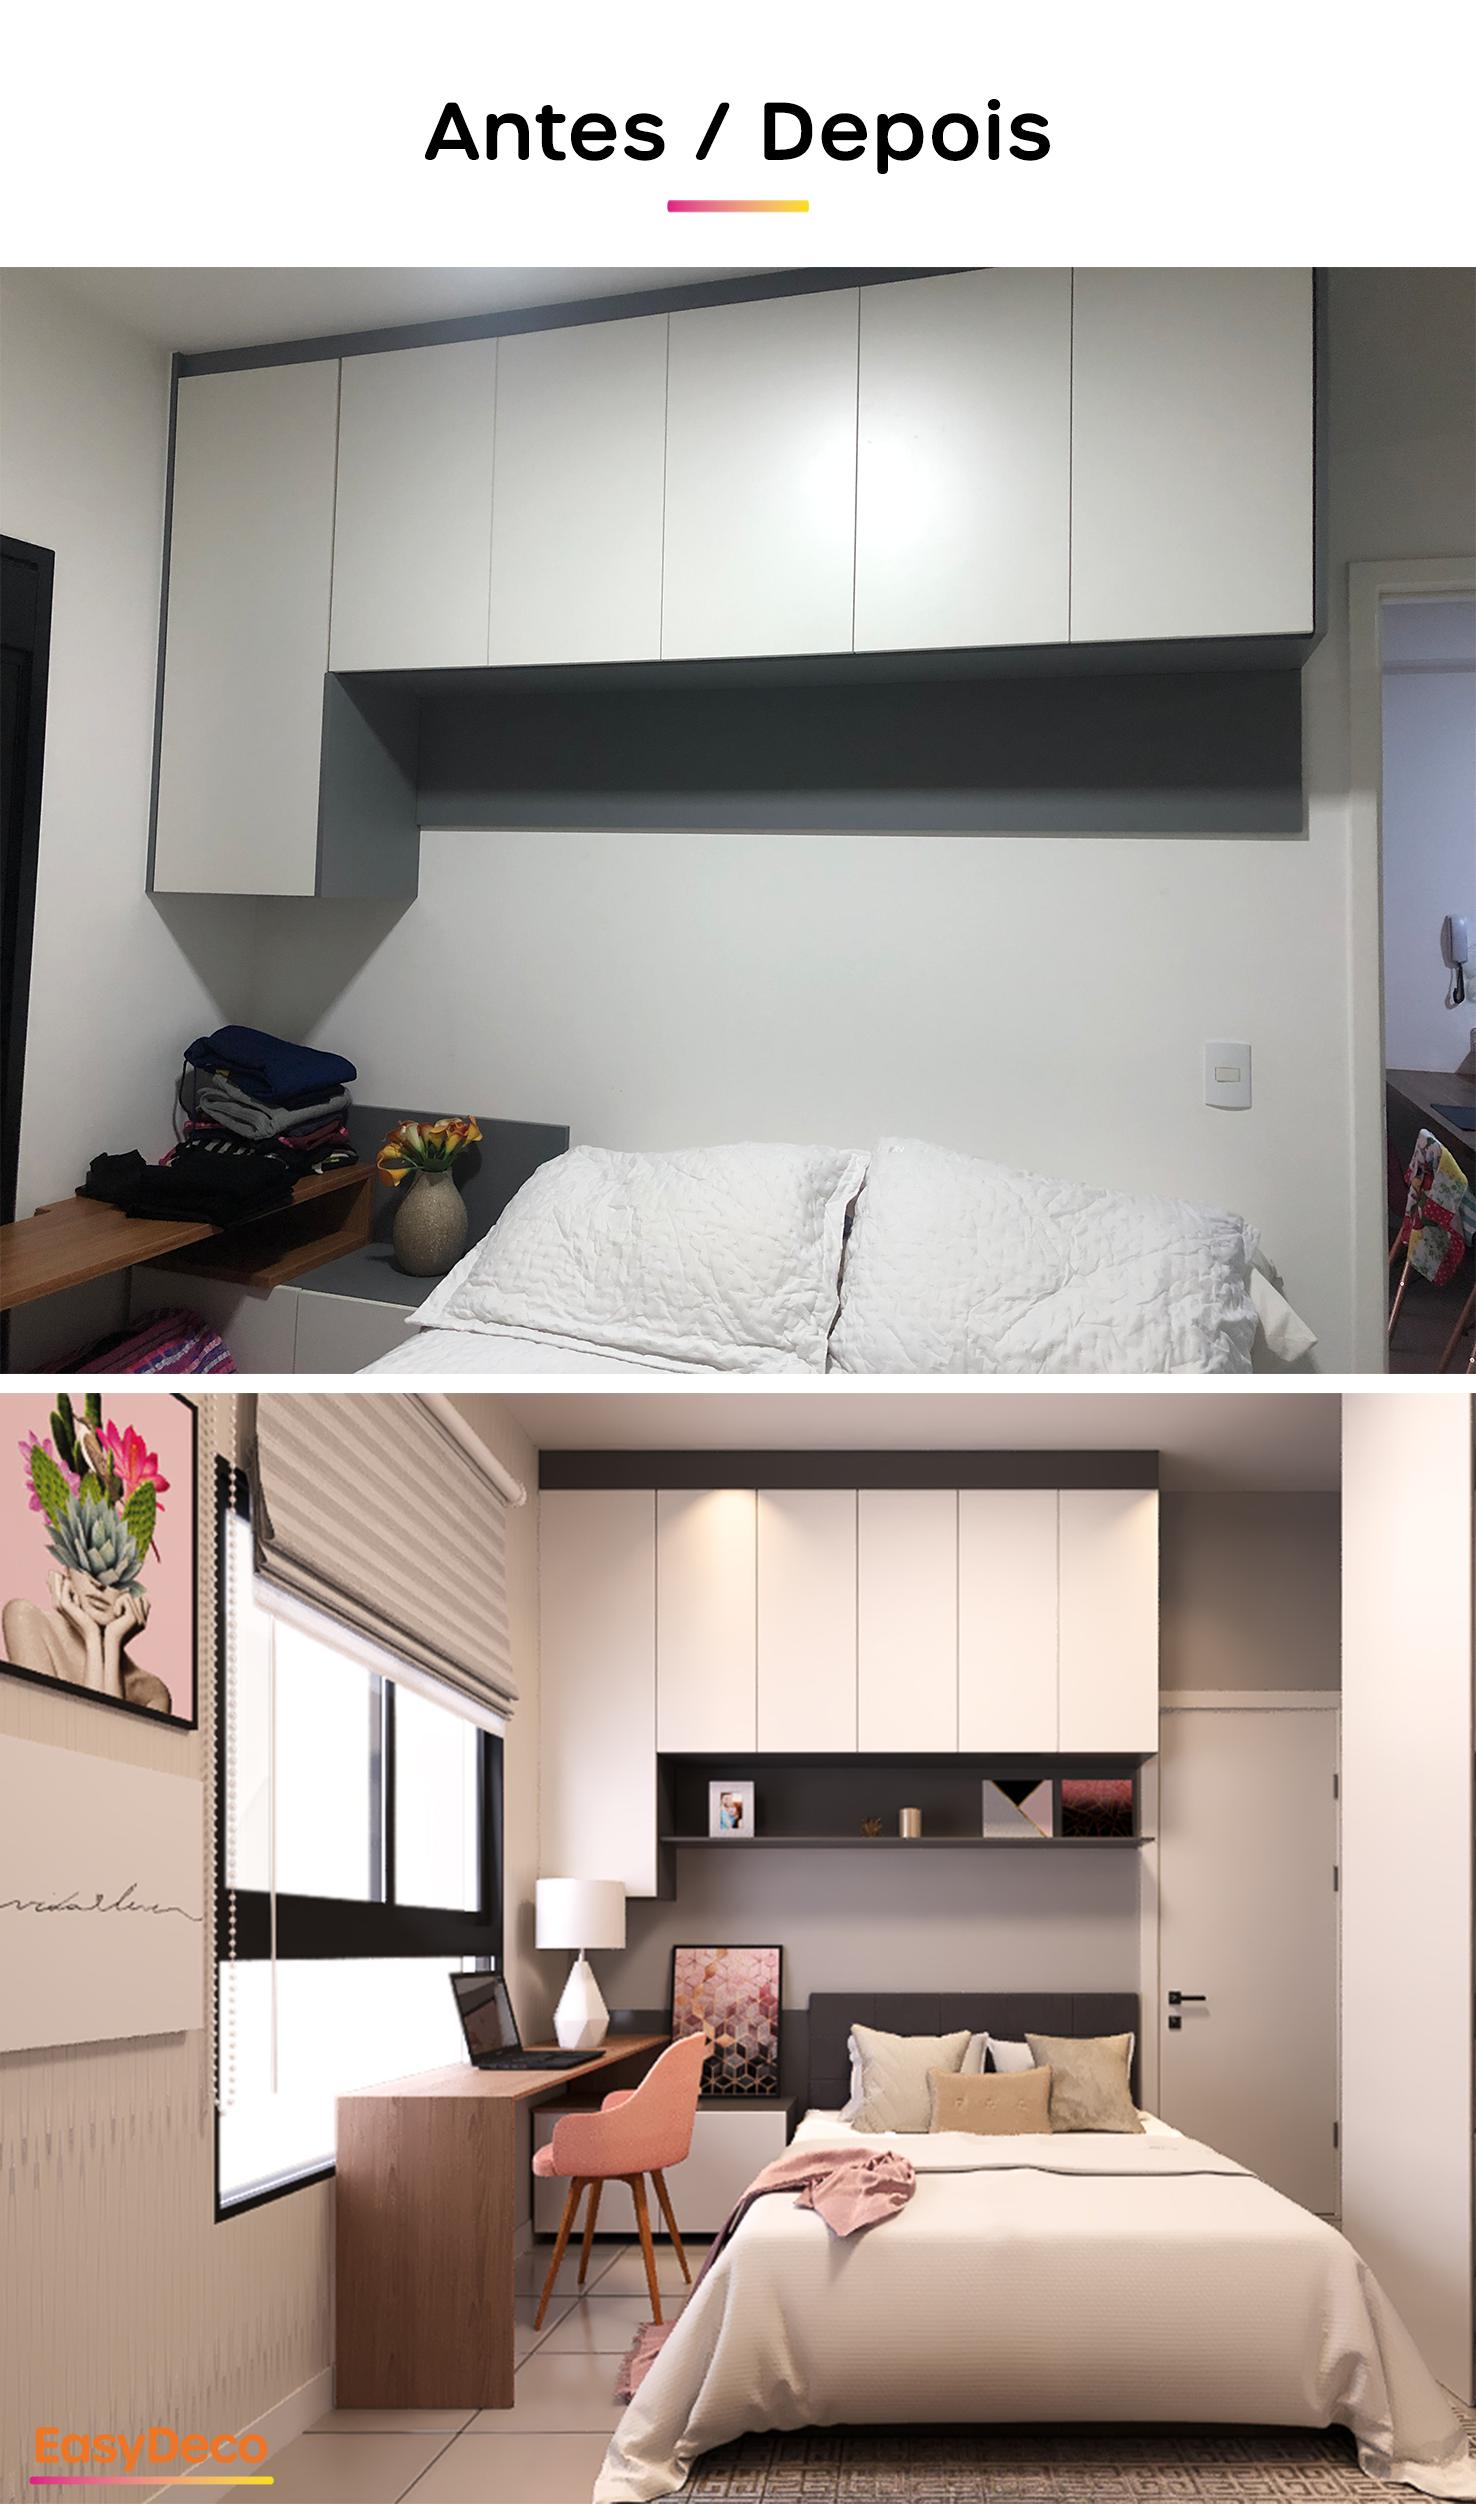 decoração de quarto moderno - antes e depois